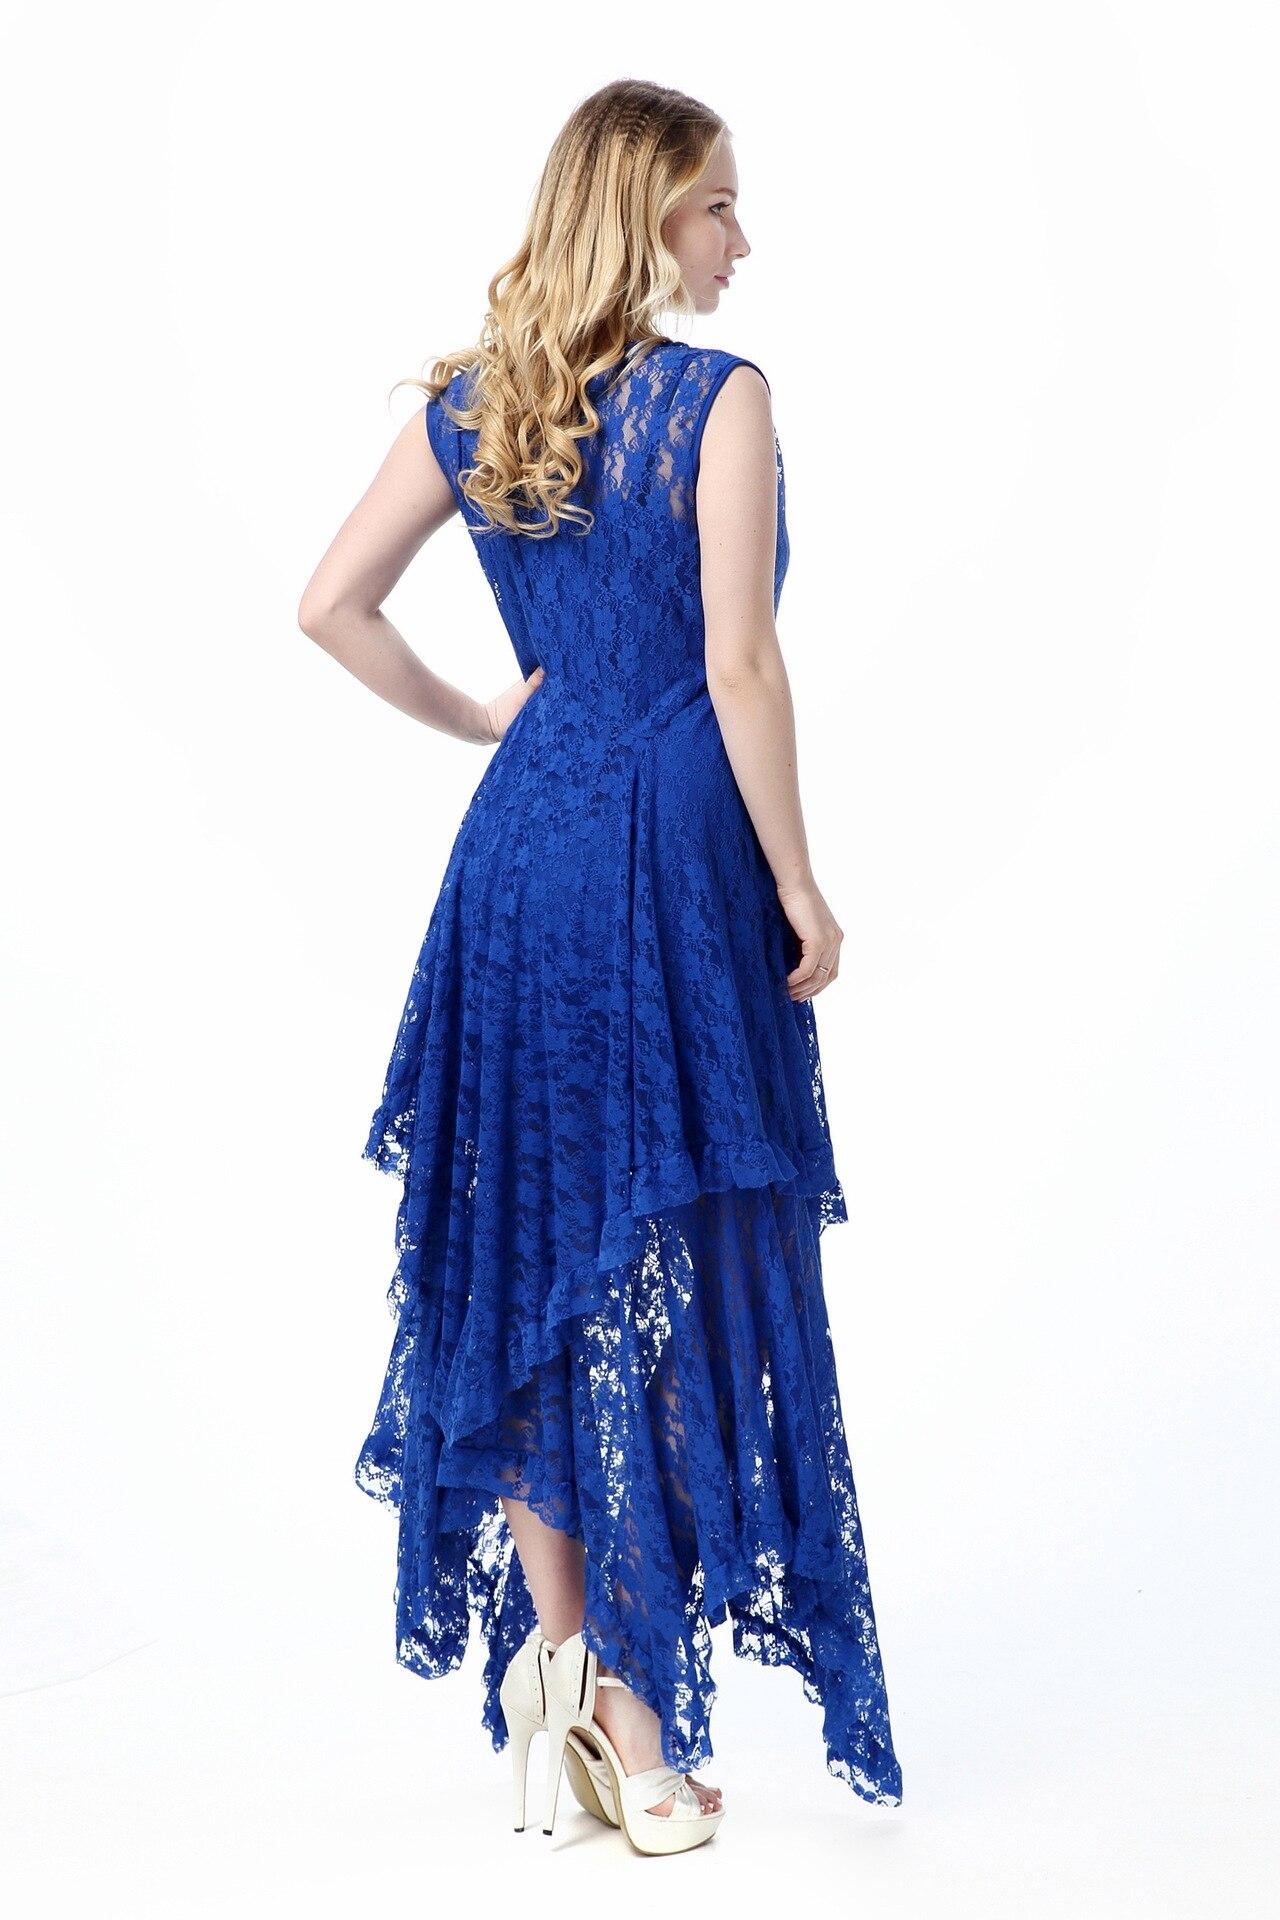 Sexy longue dentelle robe femmes robes 2019 été deux pièces ensemble grande taille 6XL 5XL 4XL bleu noir robe de soirée femme CM126 - 5